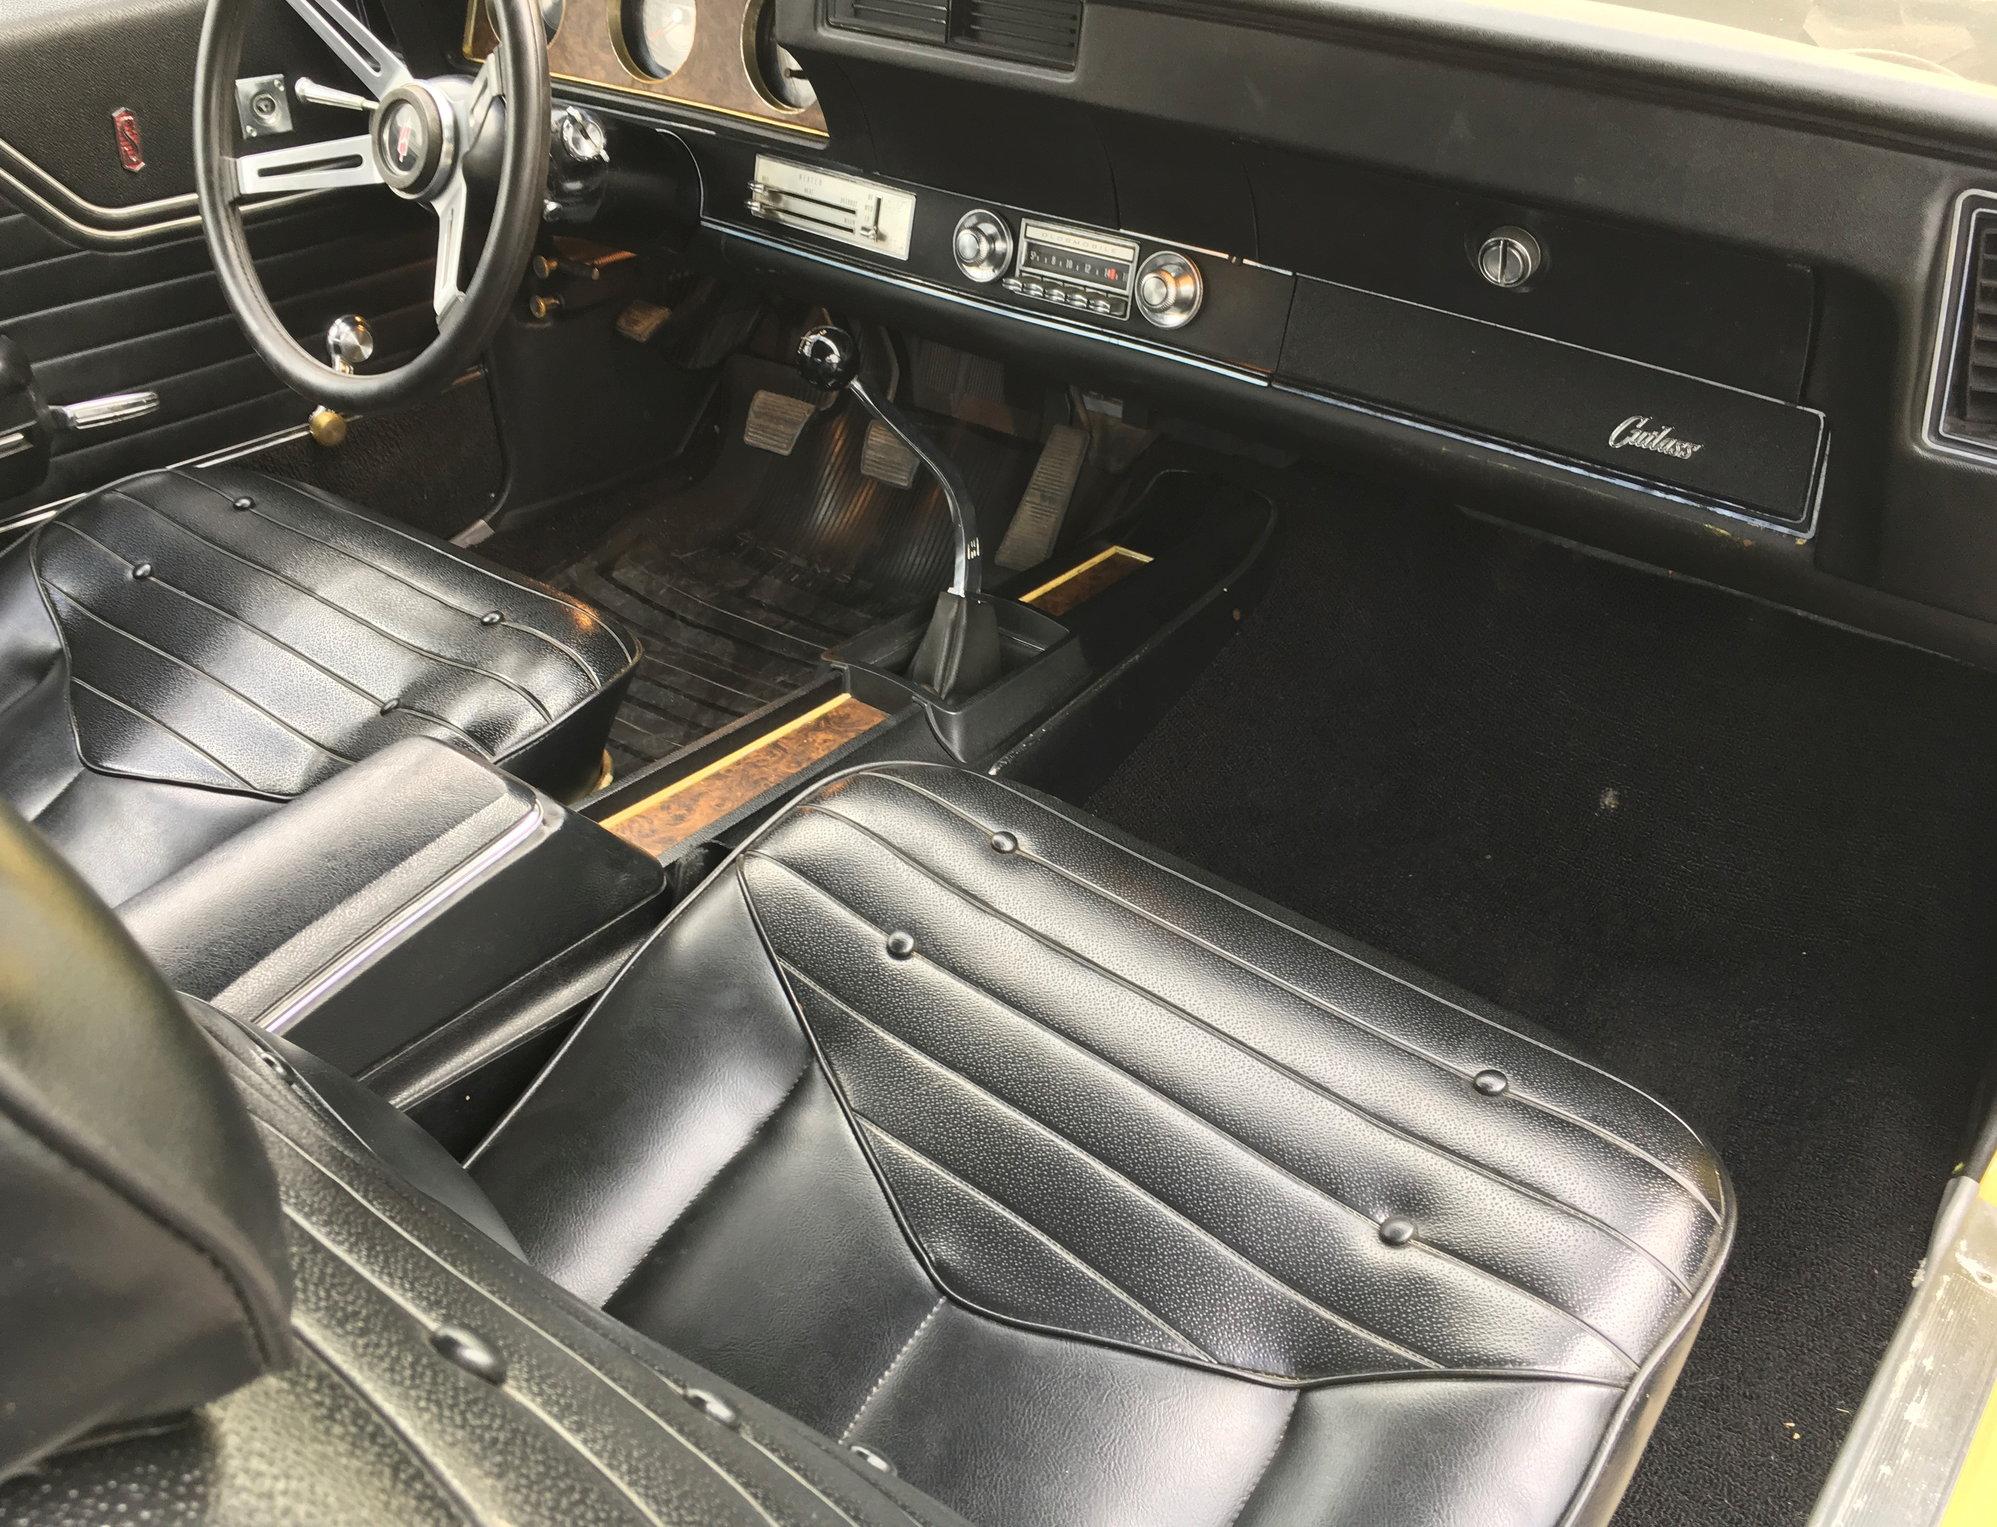 1970 Cutlass Rallye 350 4 Speed / Buckets / Console (SOLD